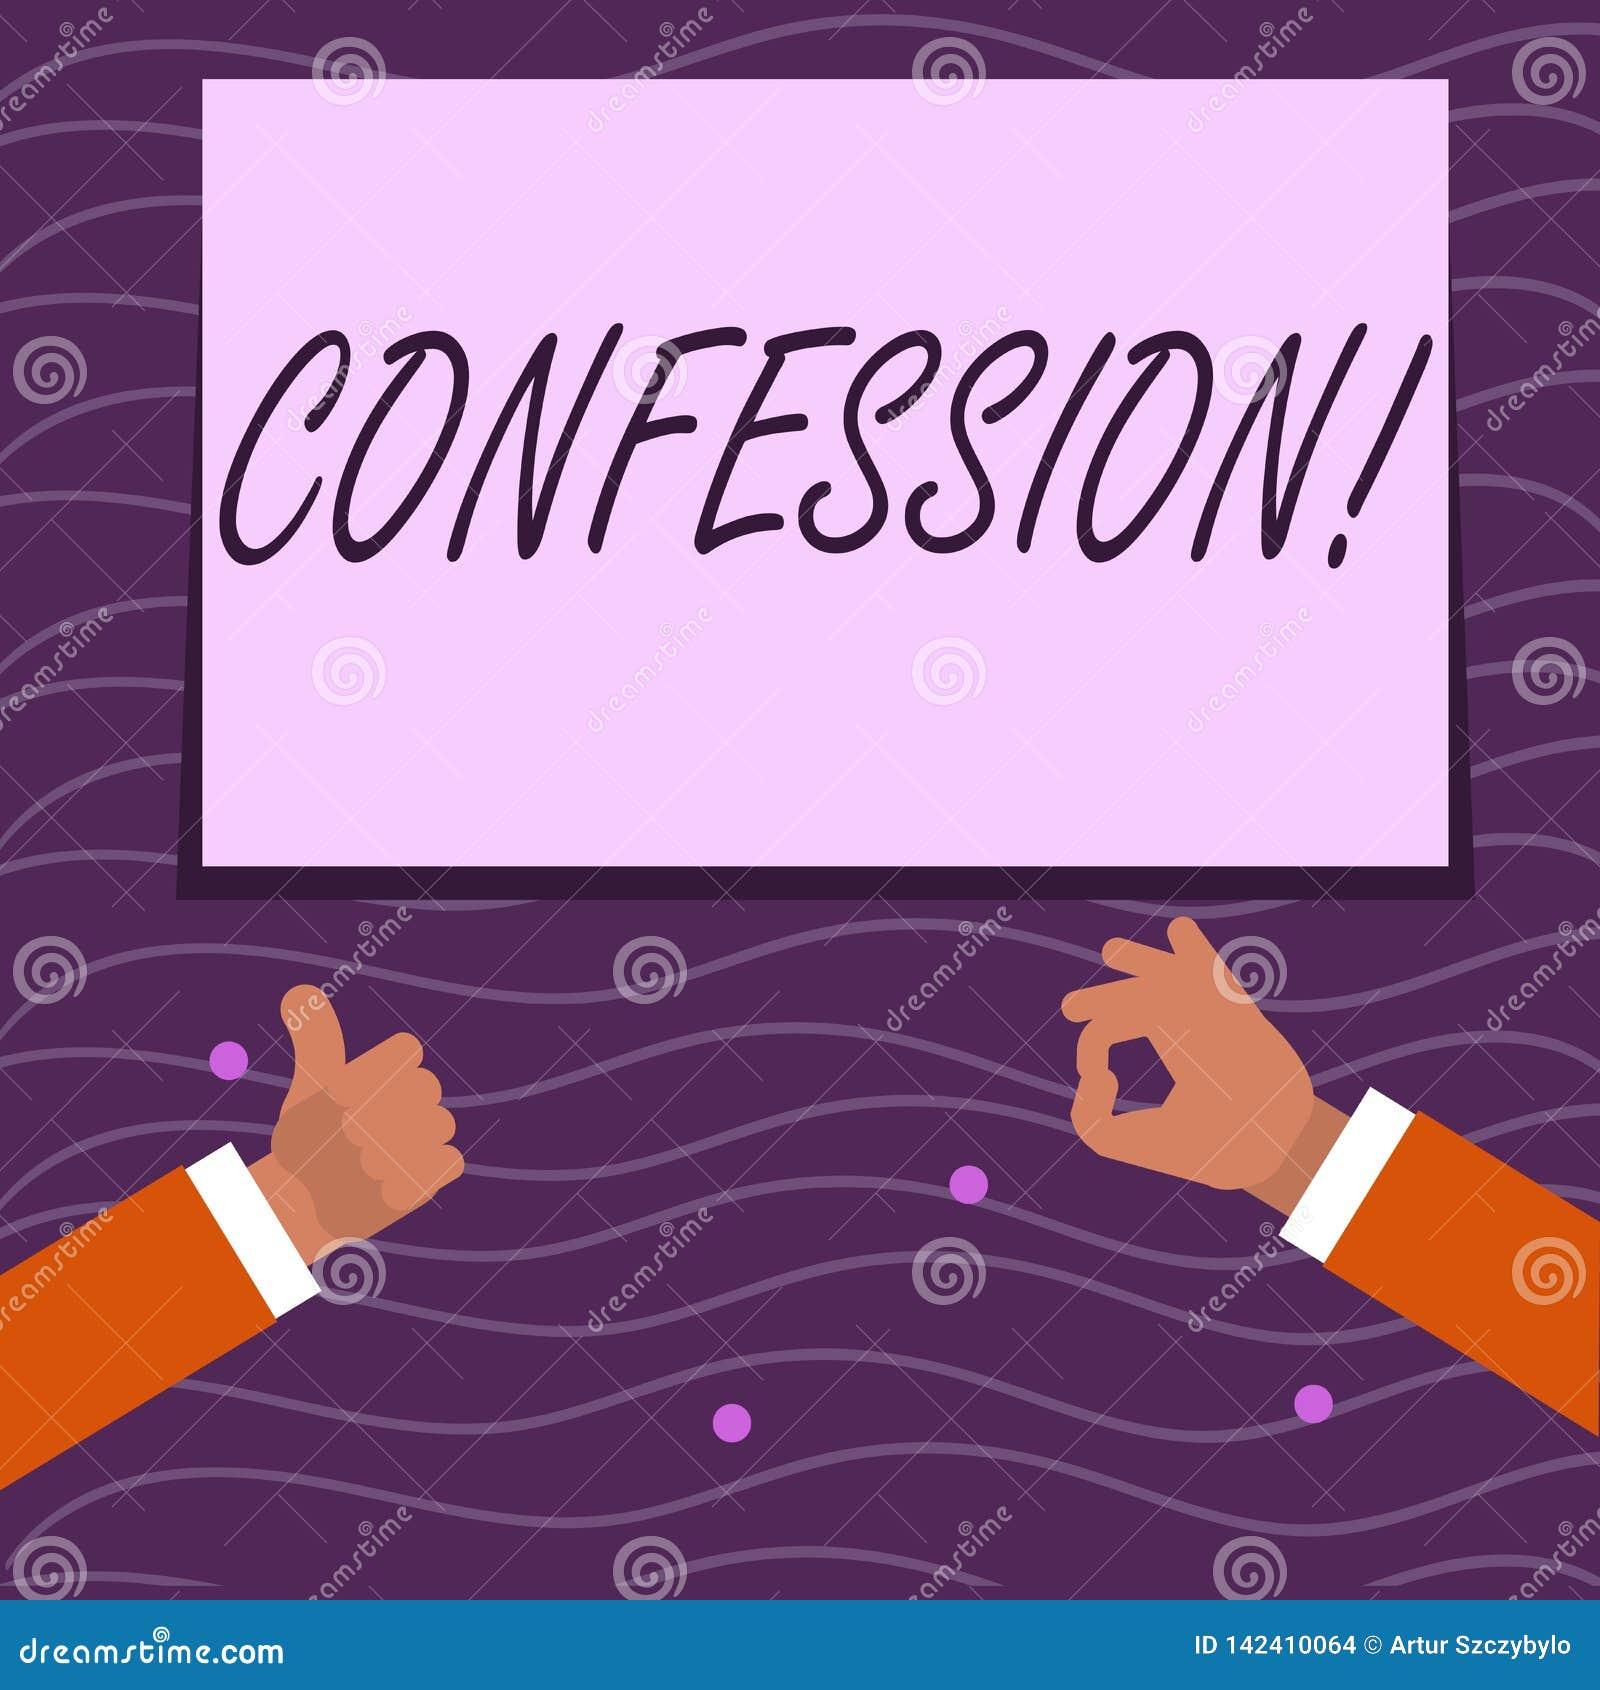 Segno del testo che mostra confessione Asserzione concettuale due di espressione di Divulgence di rivelazione di rivelazione di a